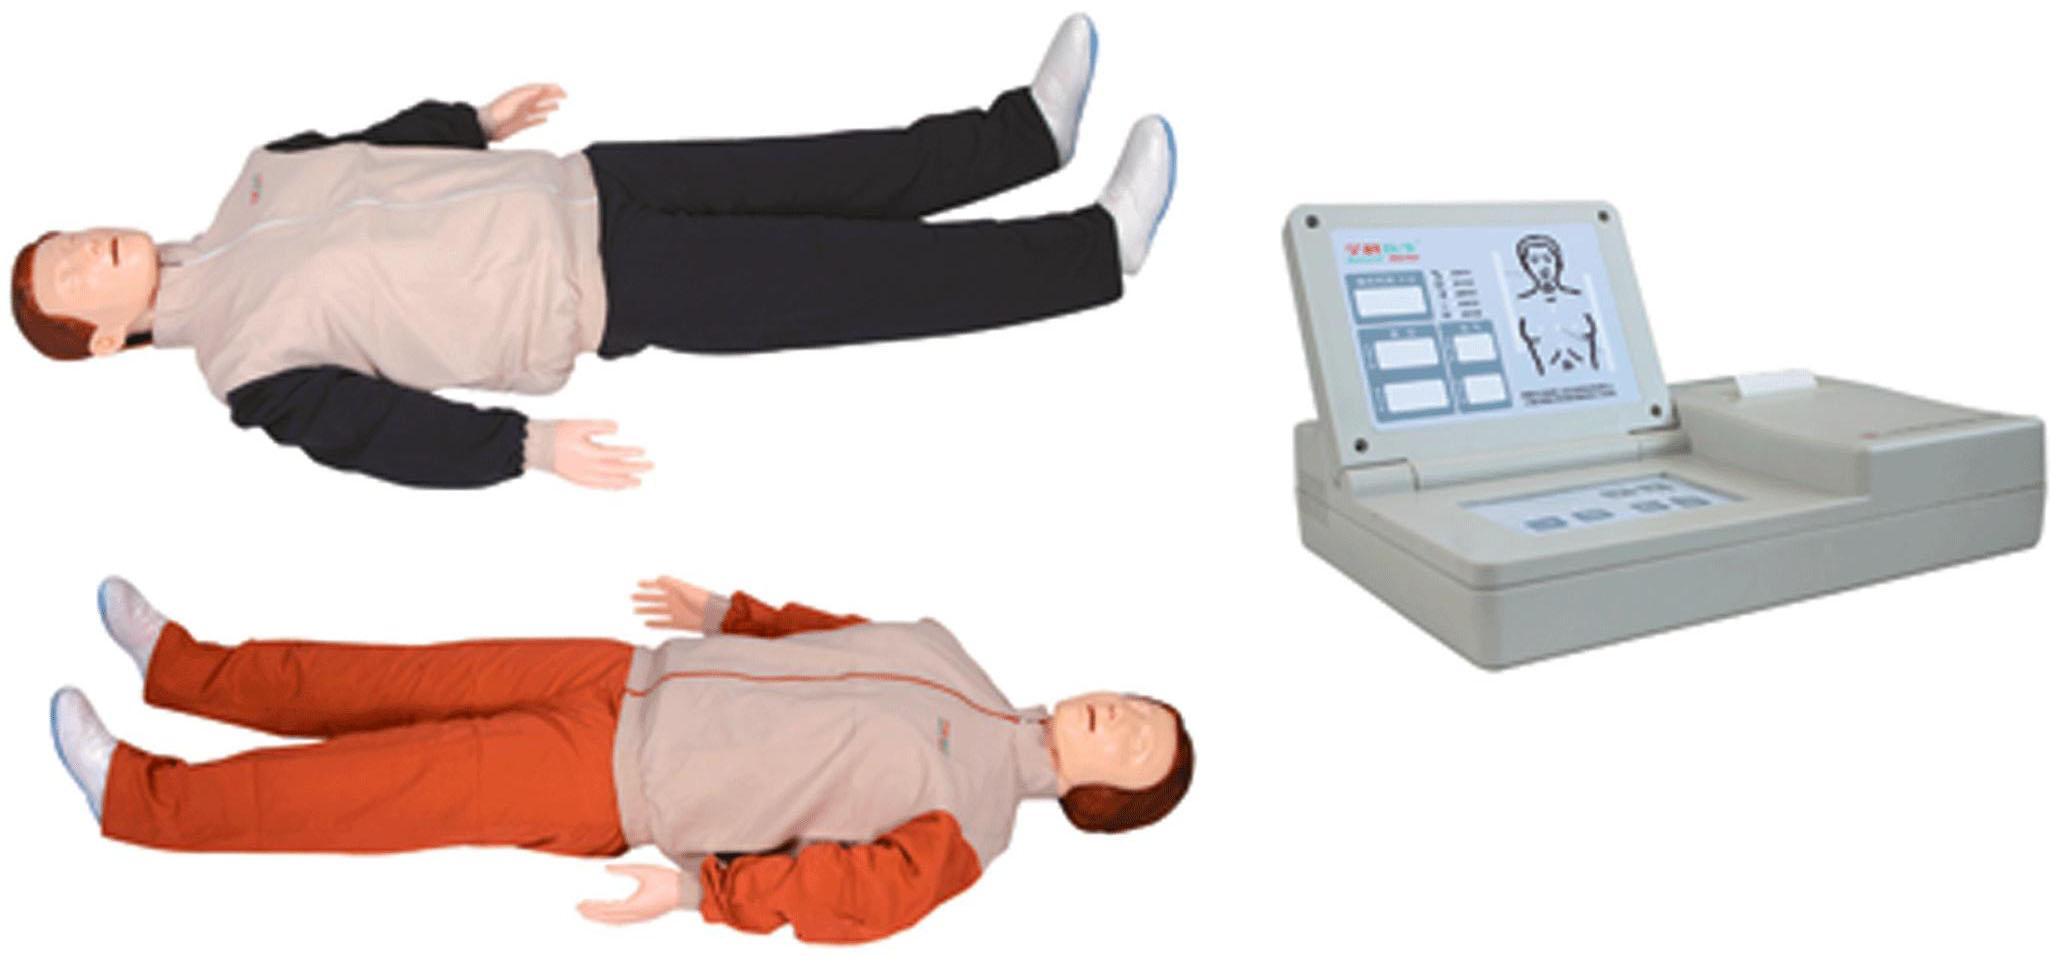 高级自动电脑心肺复苏模拟人本产品结合2010国际心肺复苏标准,产品功能全面升级,强化胸外按压的重要性,使用新一代材料,更加符合现实临床CPR操作要求。